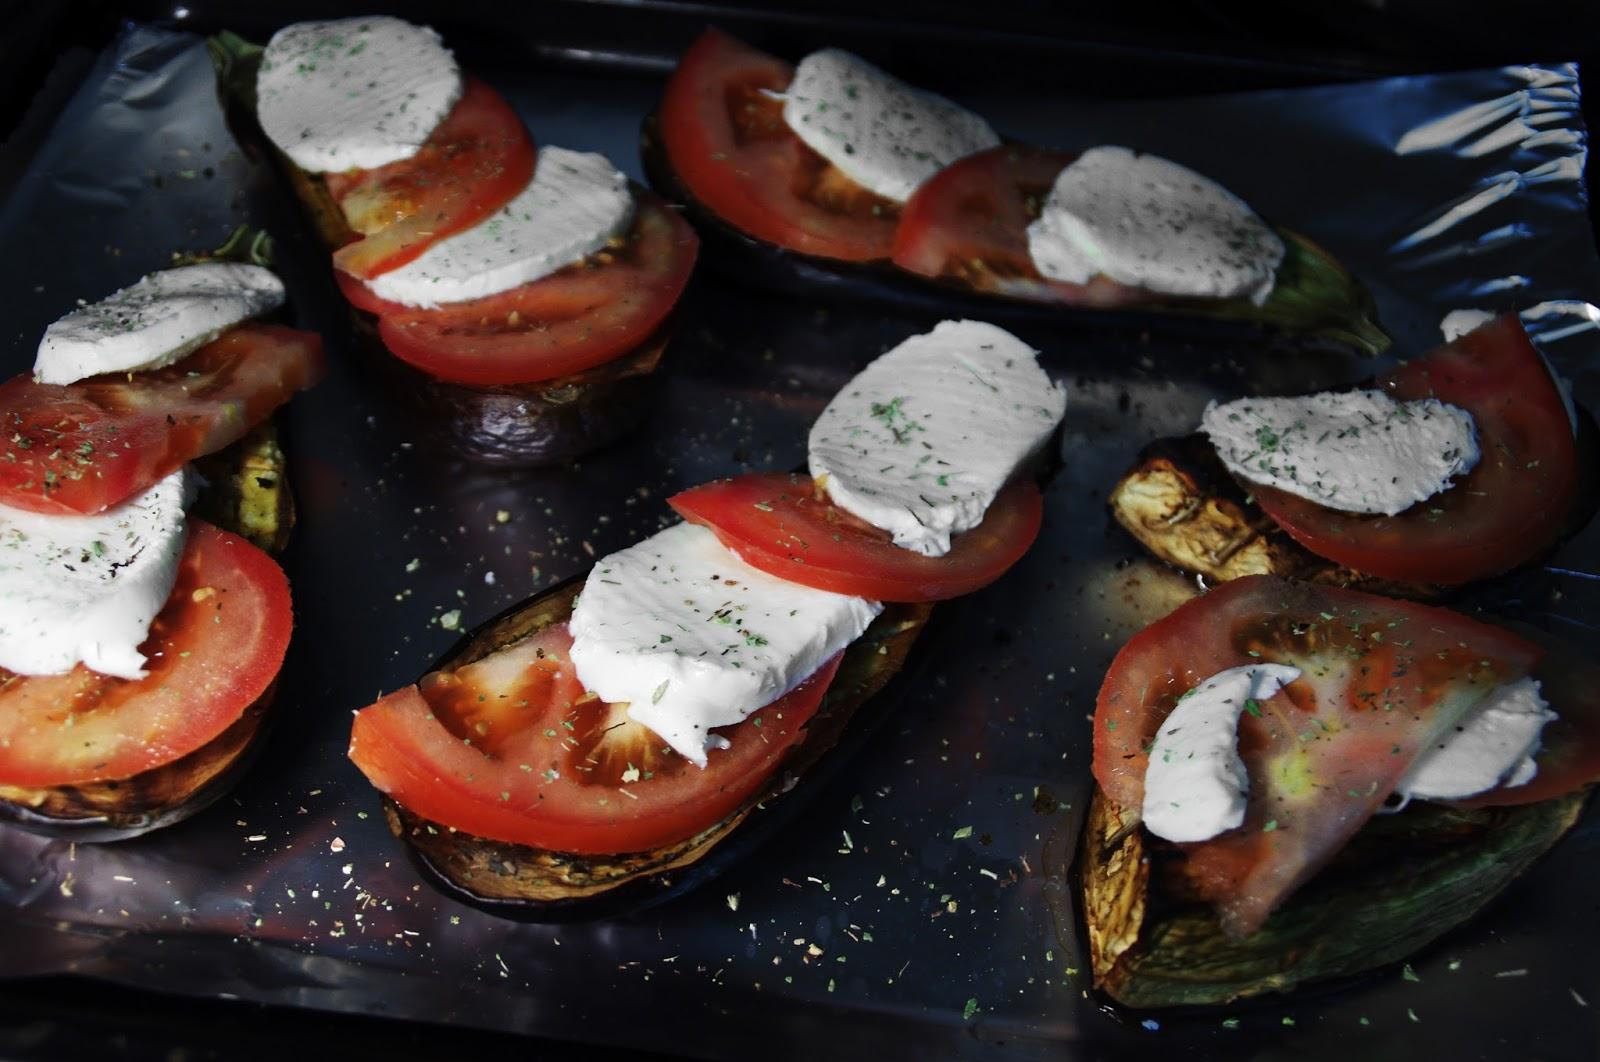 añadimos tomate y queso mozzarella